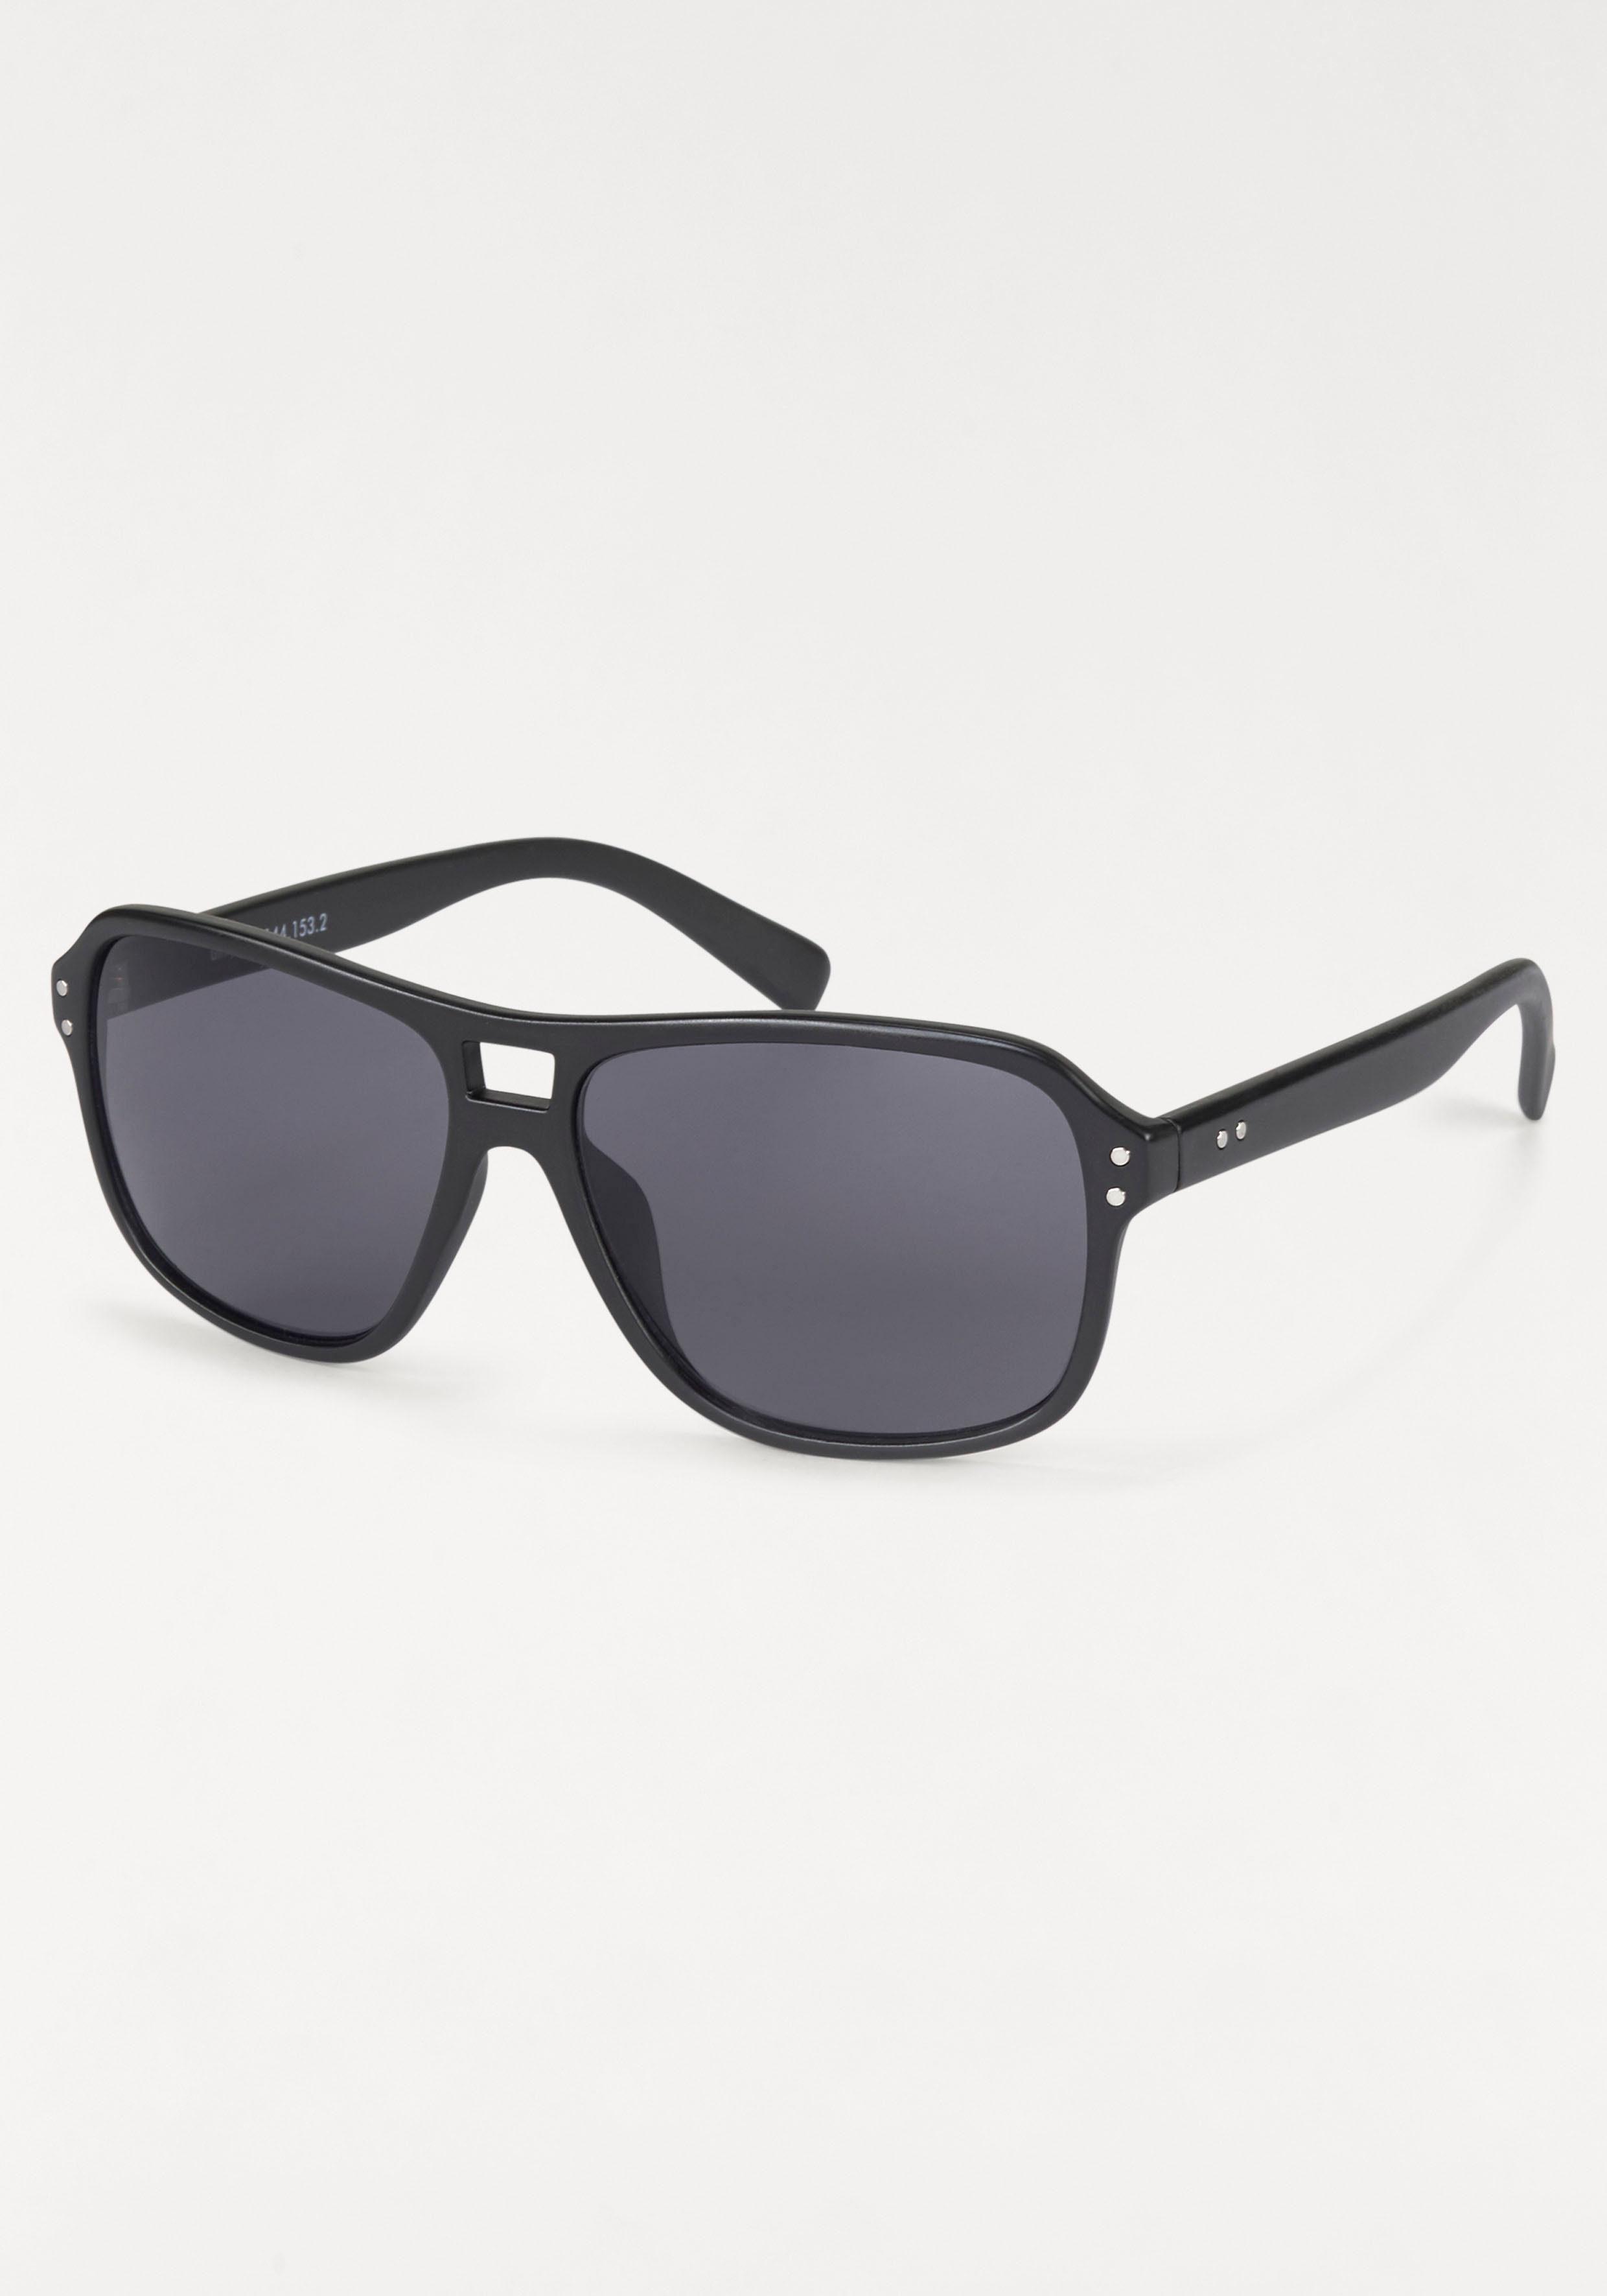 Gin Tonic Sonnenbrille, im lässigen Look, schwarz, schwarz